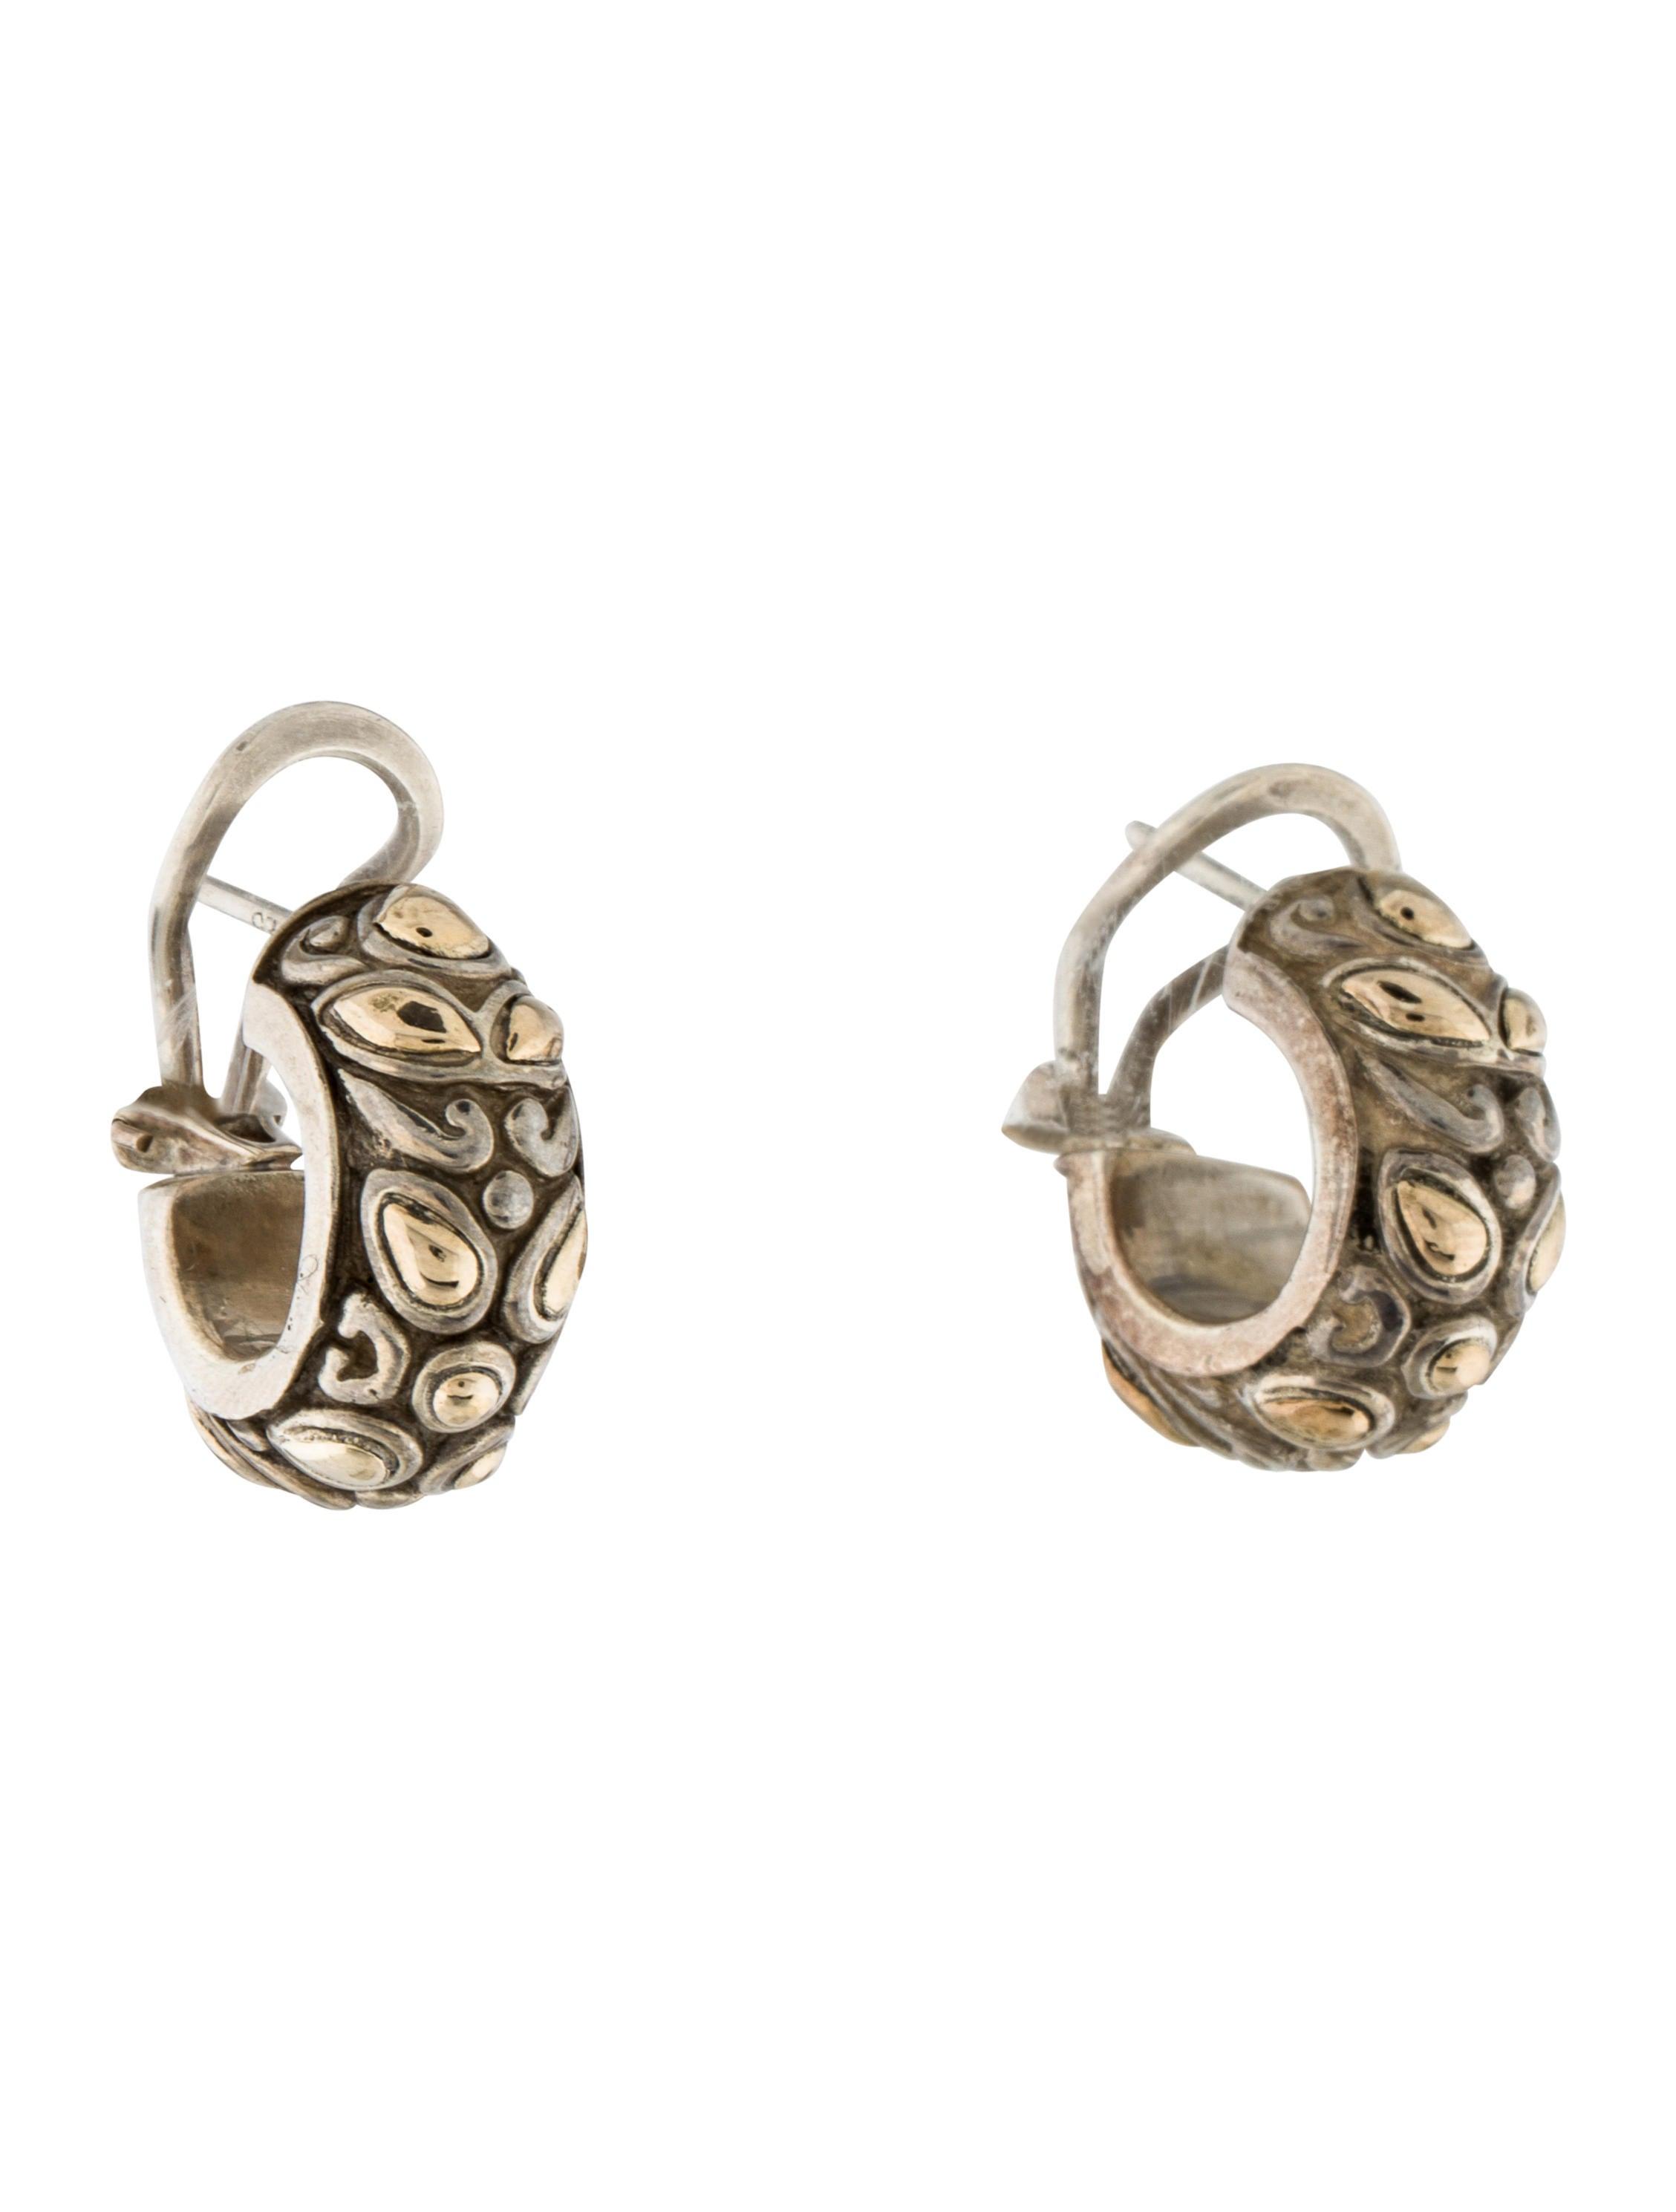 John hardy two tone kawung earrings earrings jha26159 for John hardy jewelry earrings